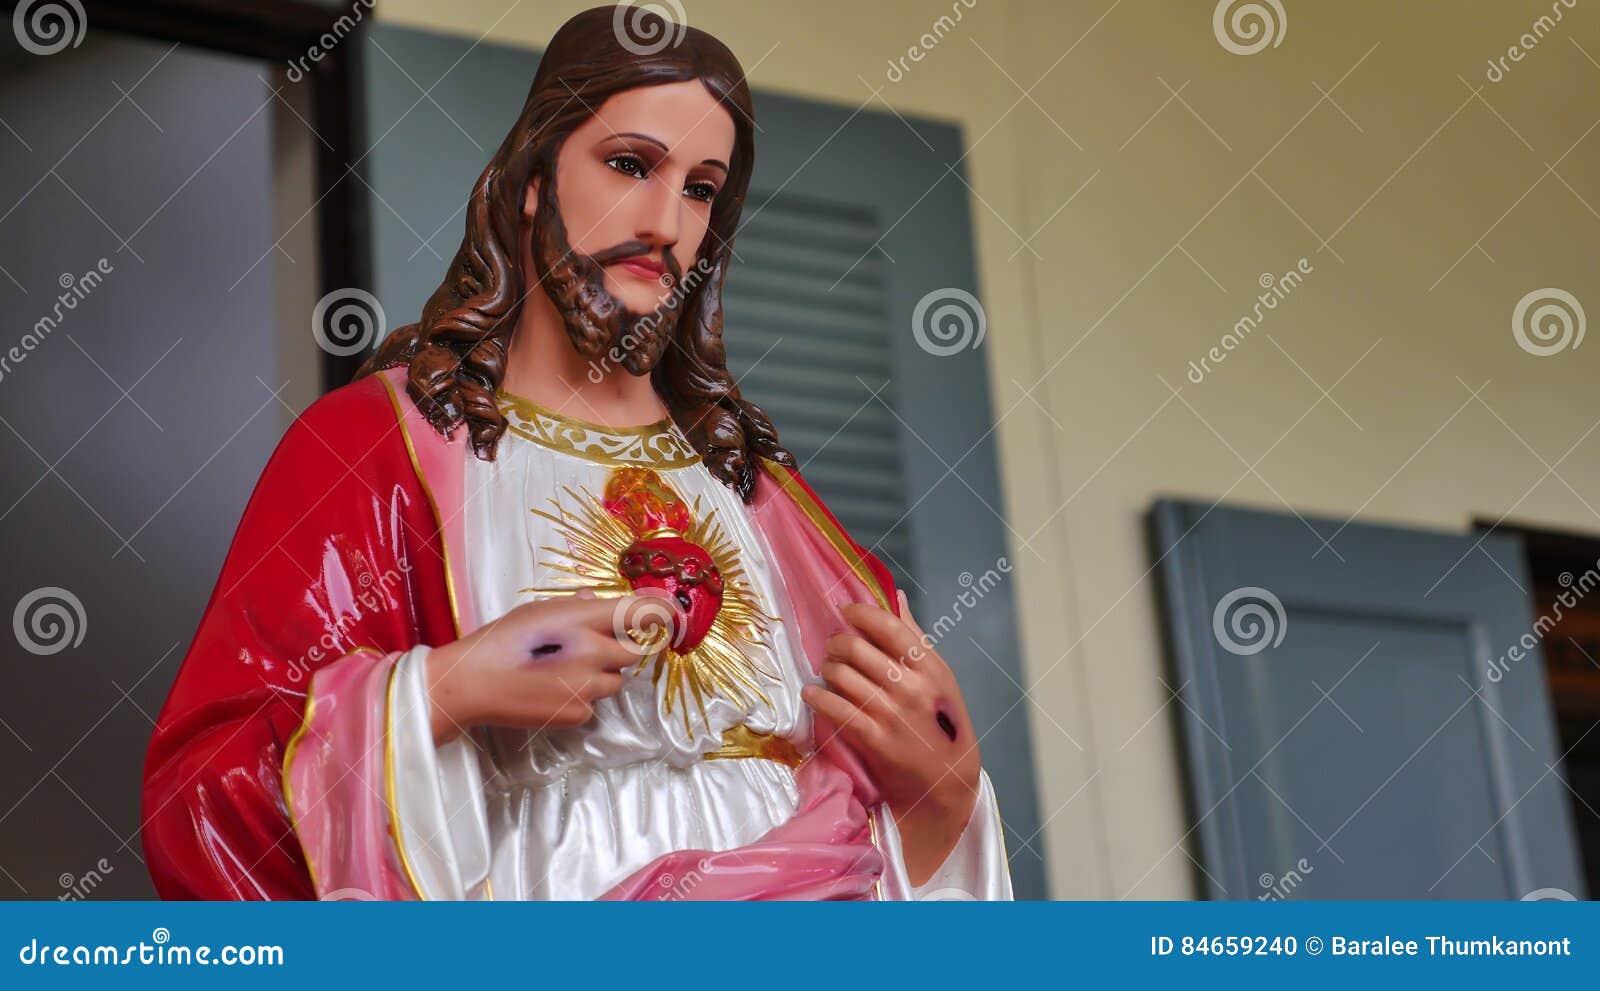 O coração sagrado de Jesus, mercê divina